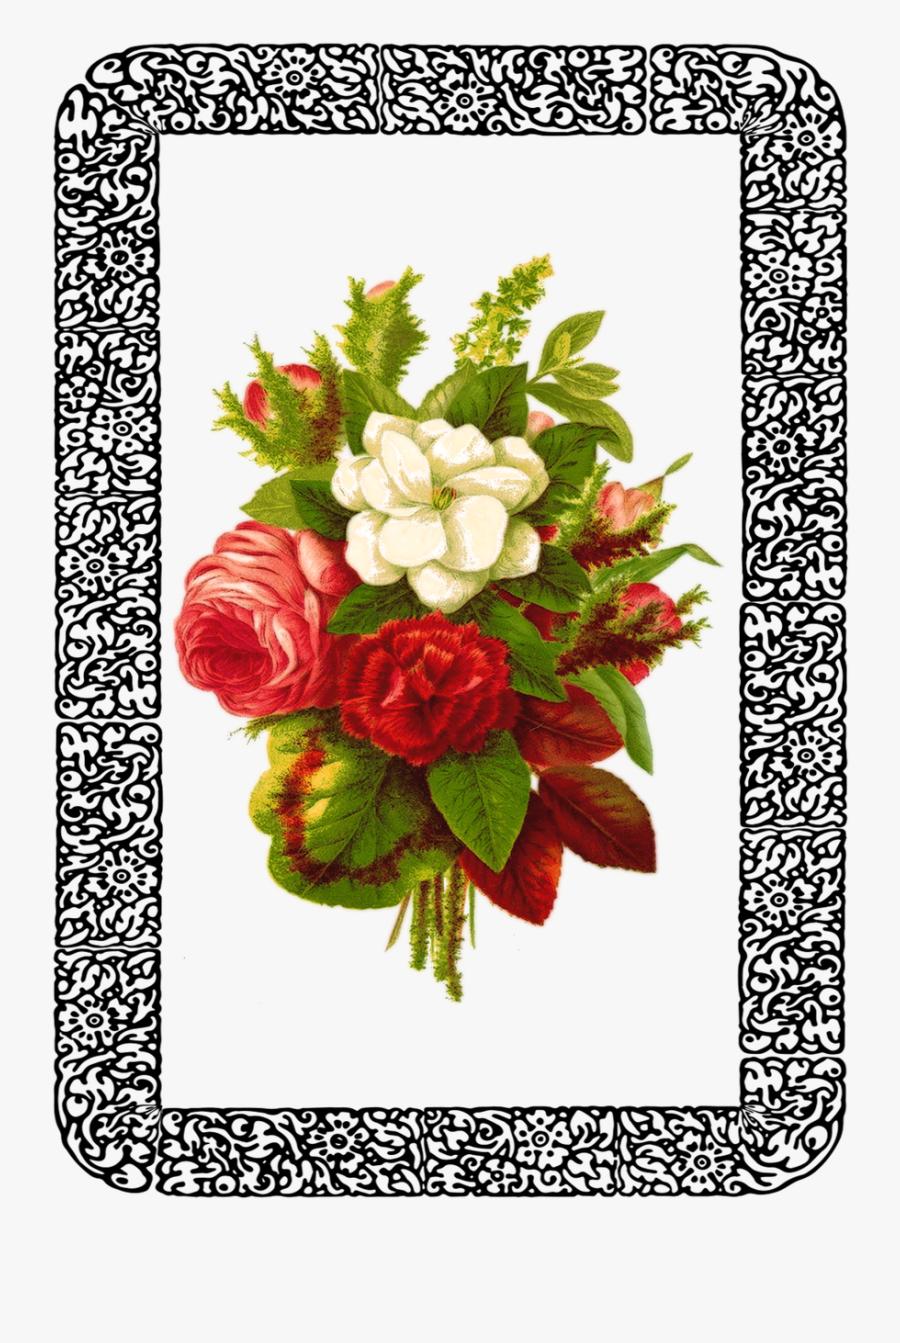 Vintage Rose Bouquet - Bouquet Flower Design Png, Transparent Clipart